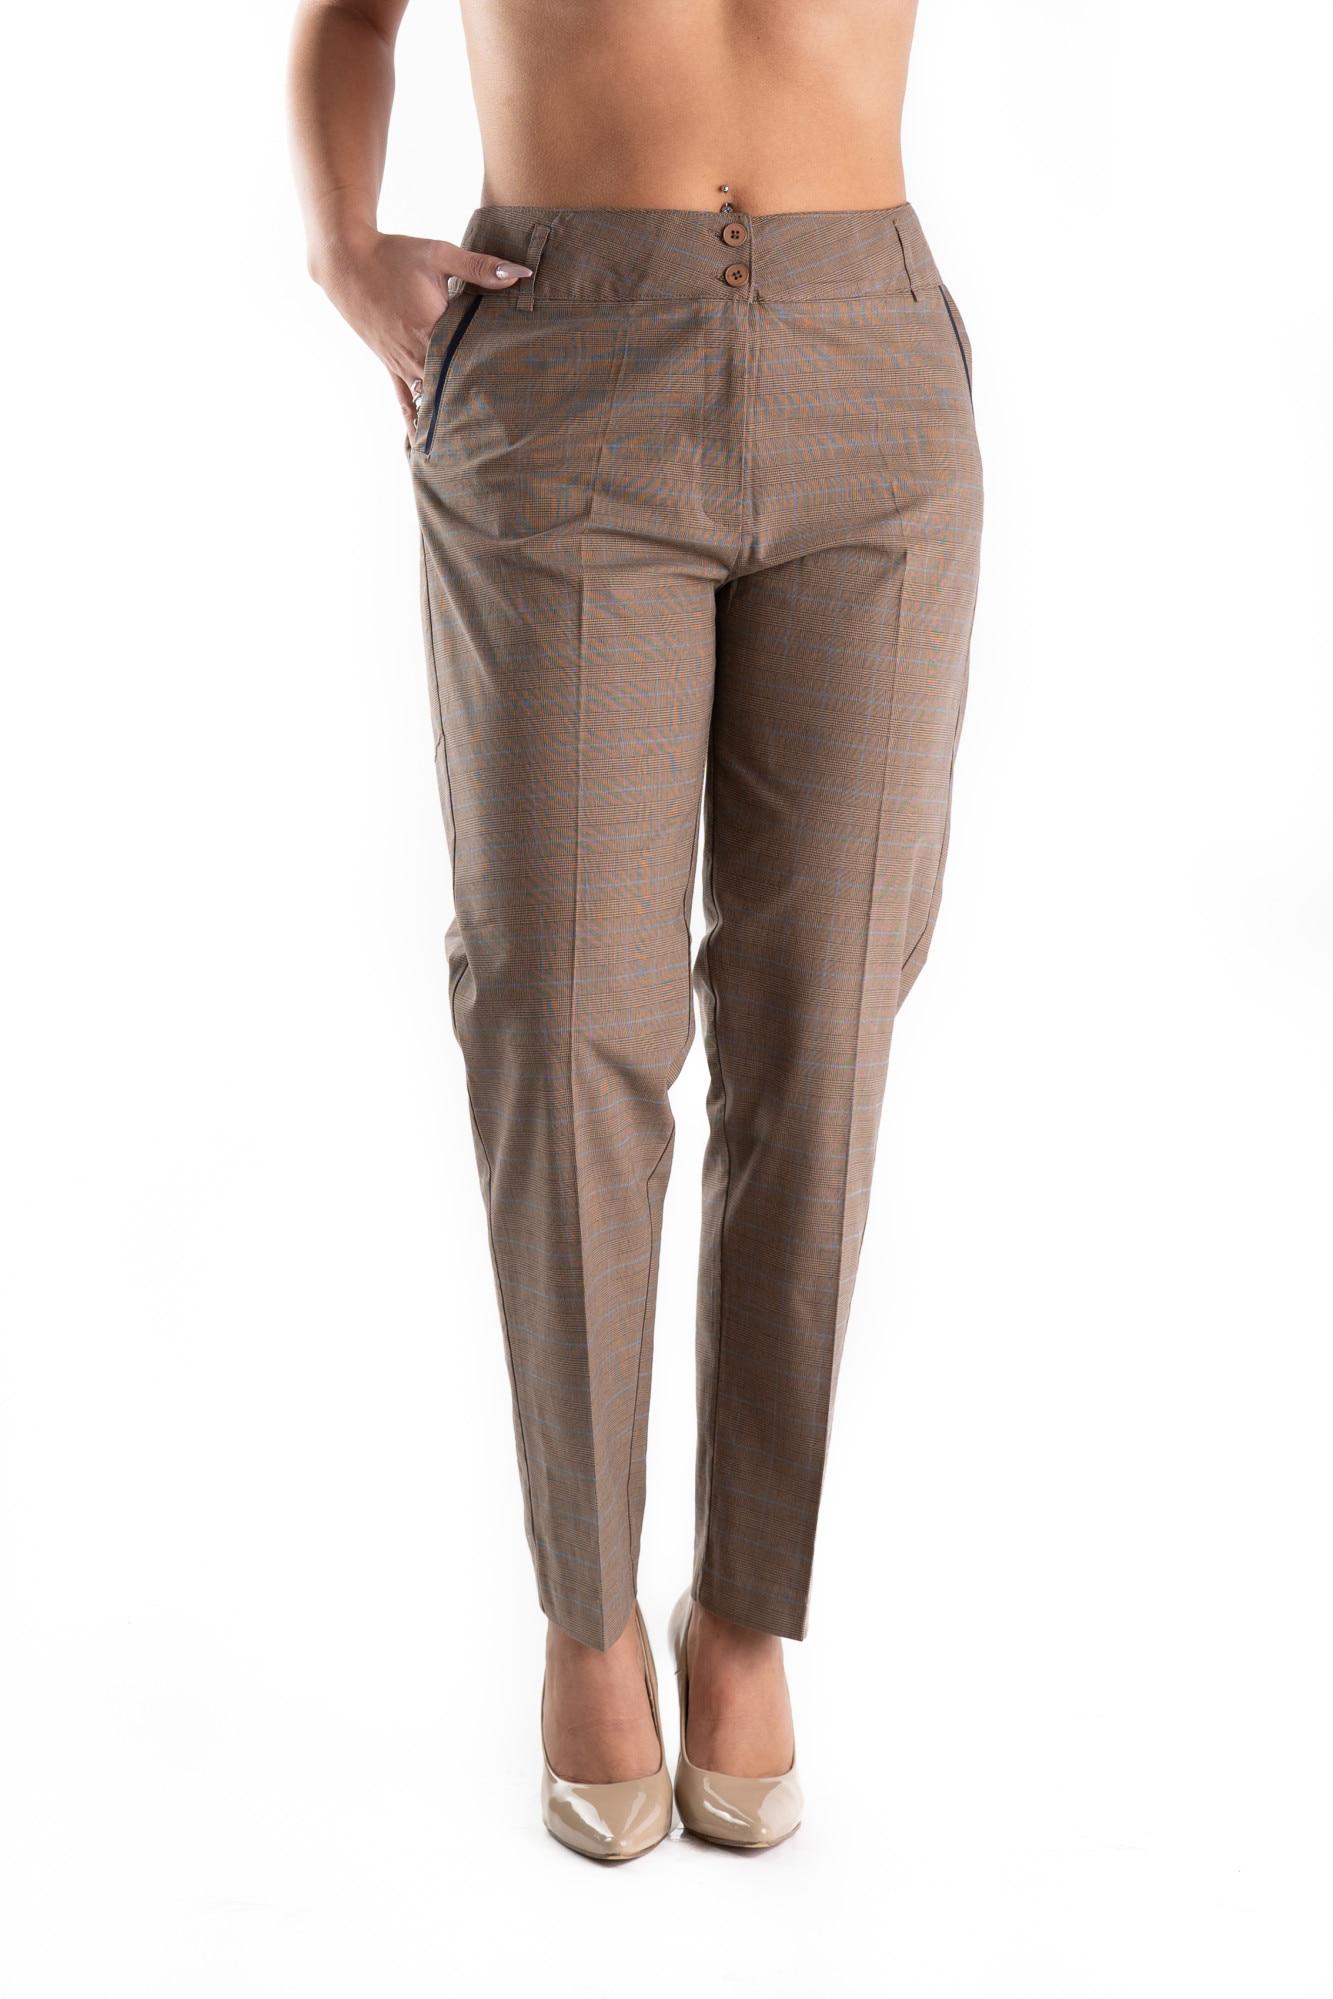 gânduri pe cel mai bun serviciu adidași nov izdelek najnižji popust konkurenčna cena pantaloni dama -  familialsystem.com